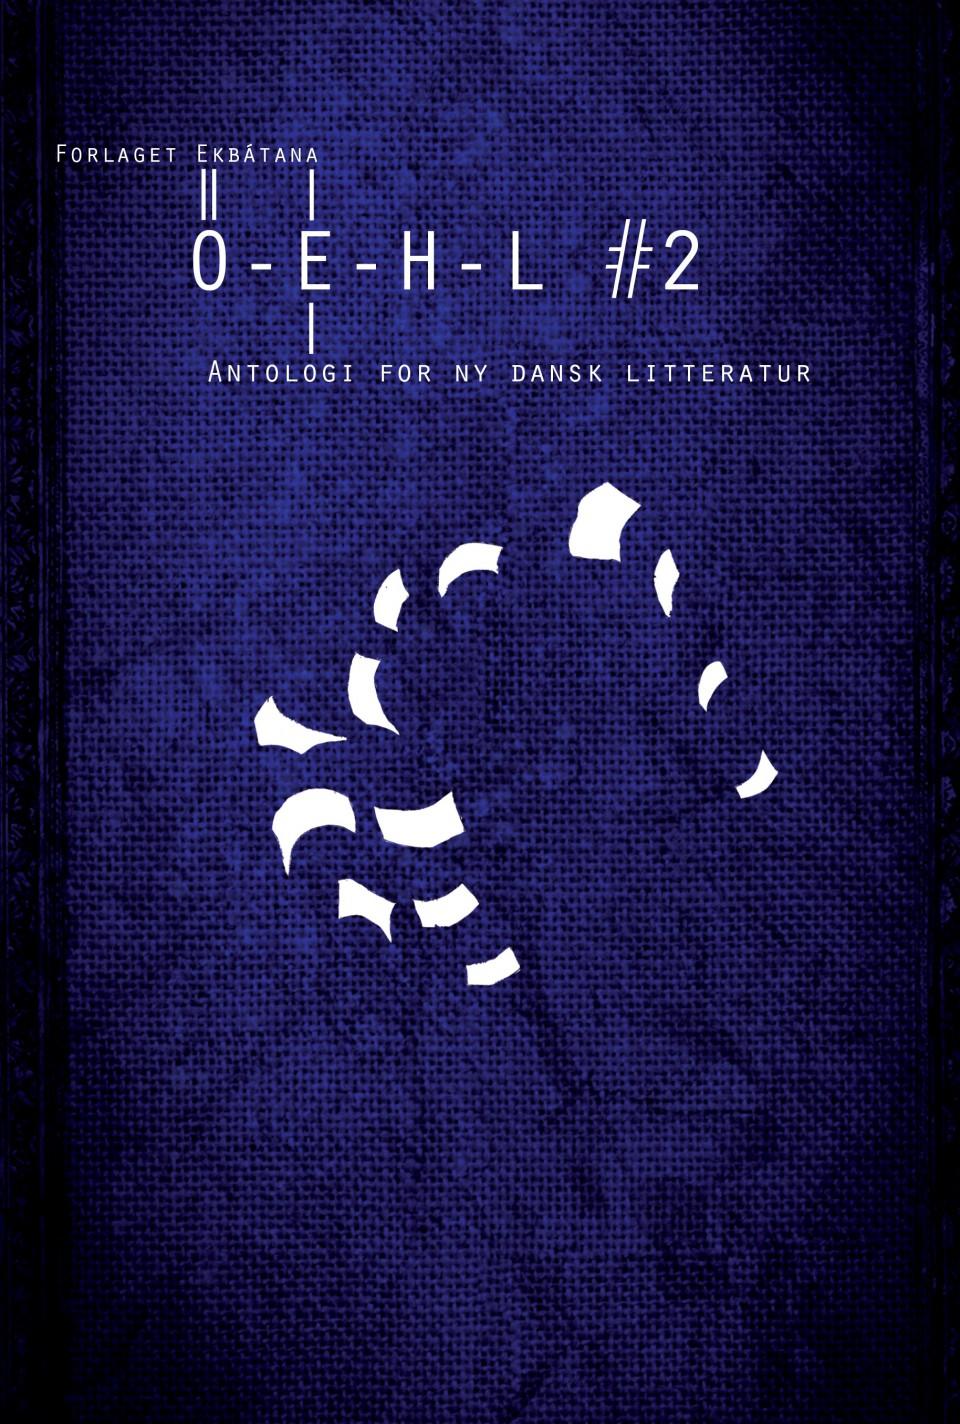 Oehl, den poet har pels, antologi, ny dansk litteratur, iben mondrup, jørgen leth, mette moestrup, niels lyngsø, peter dyreborg, pia tafdrup, viggo bjerring, christel wiinblad, cecilie lolk hjort